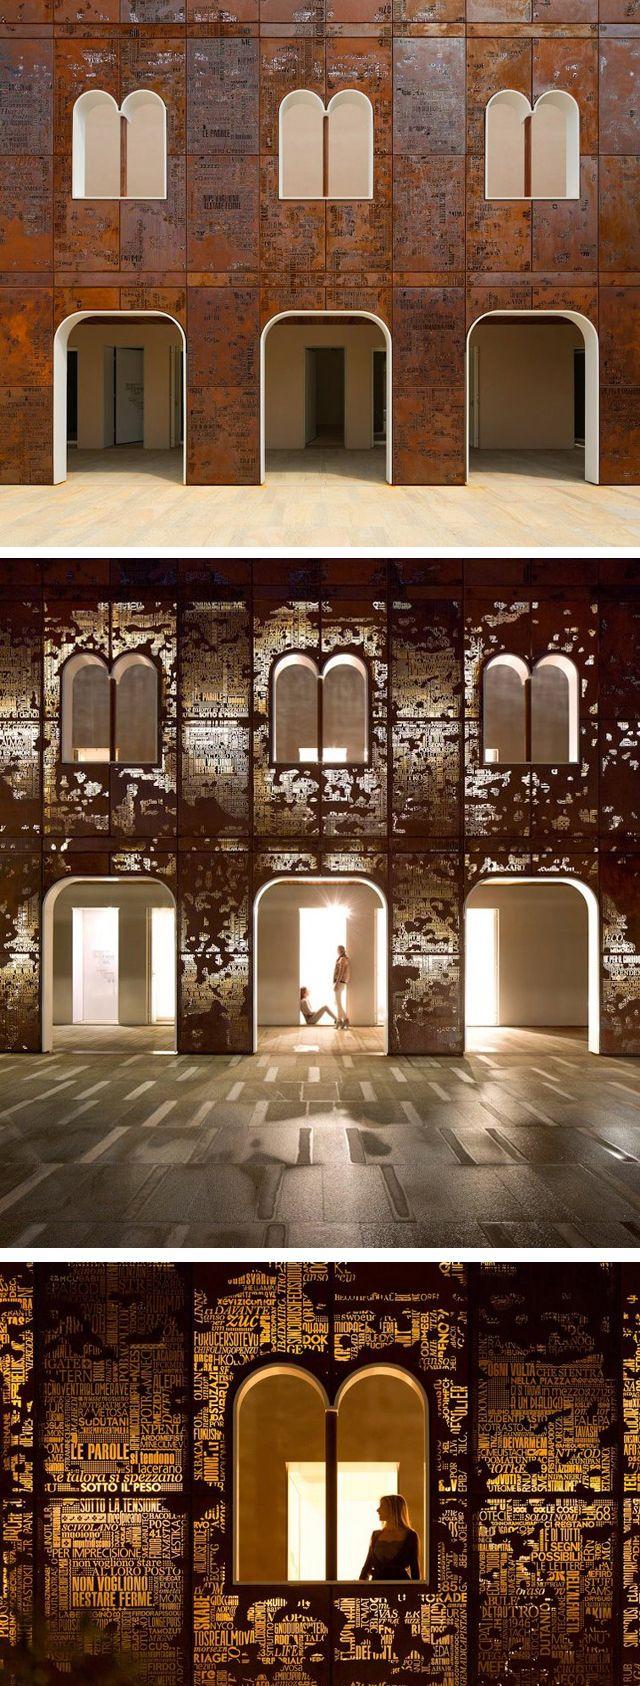 The rebirth of the Campiello, Venice. Corten steel facade